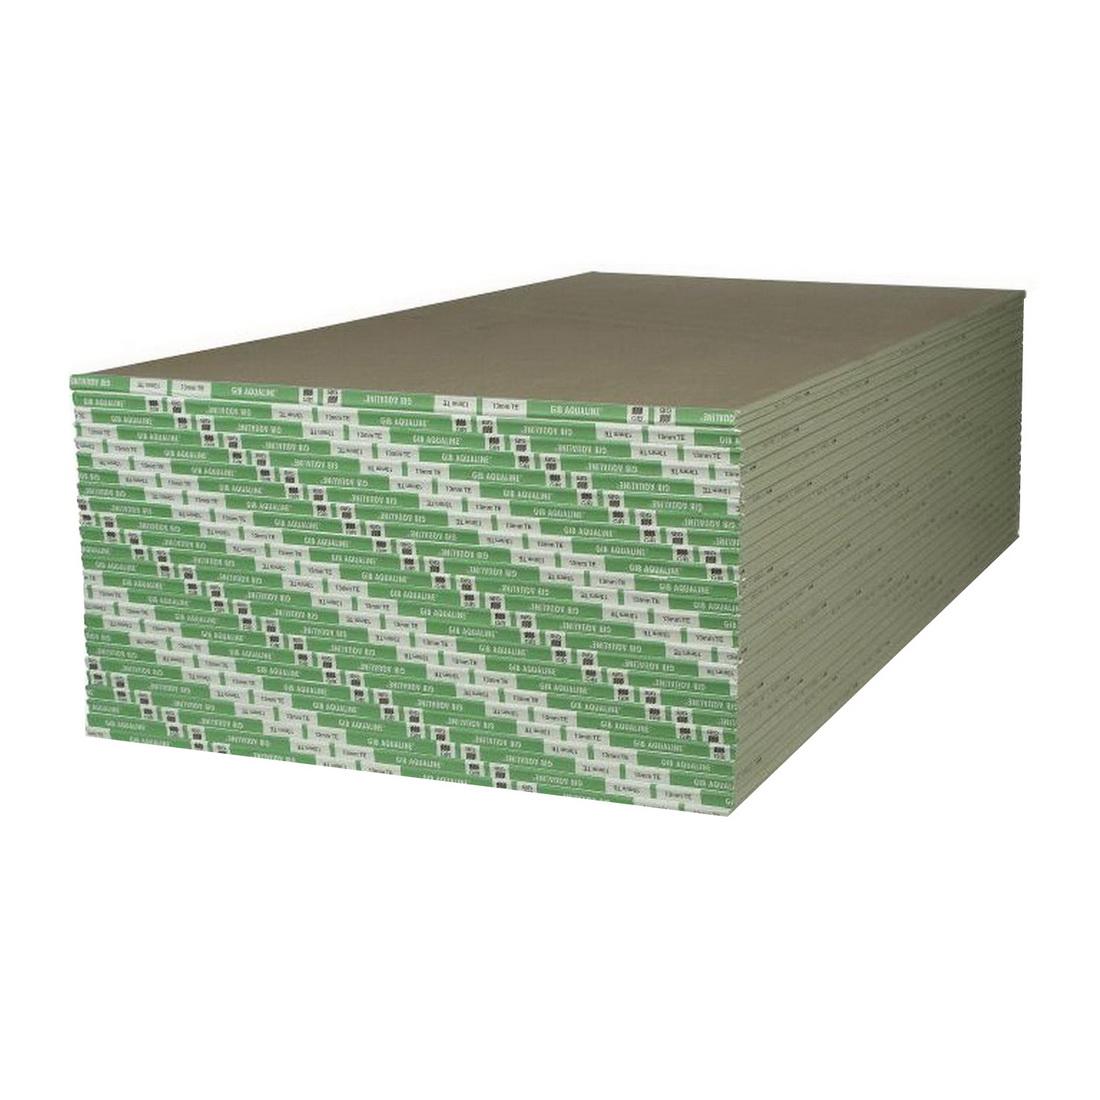 Aqualine Taper/Square Edge Plasterboard 4800 x 1200 x 10mm 15033